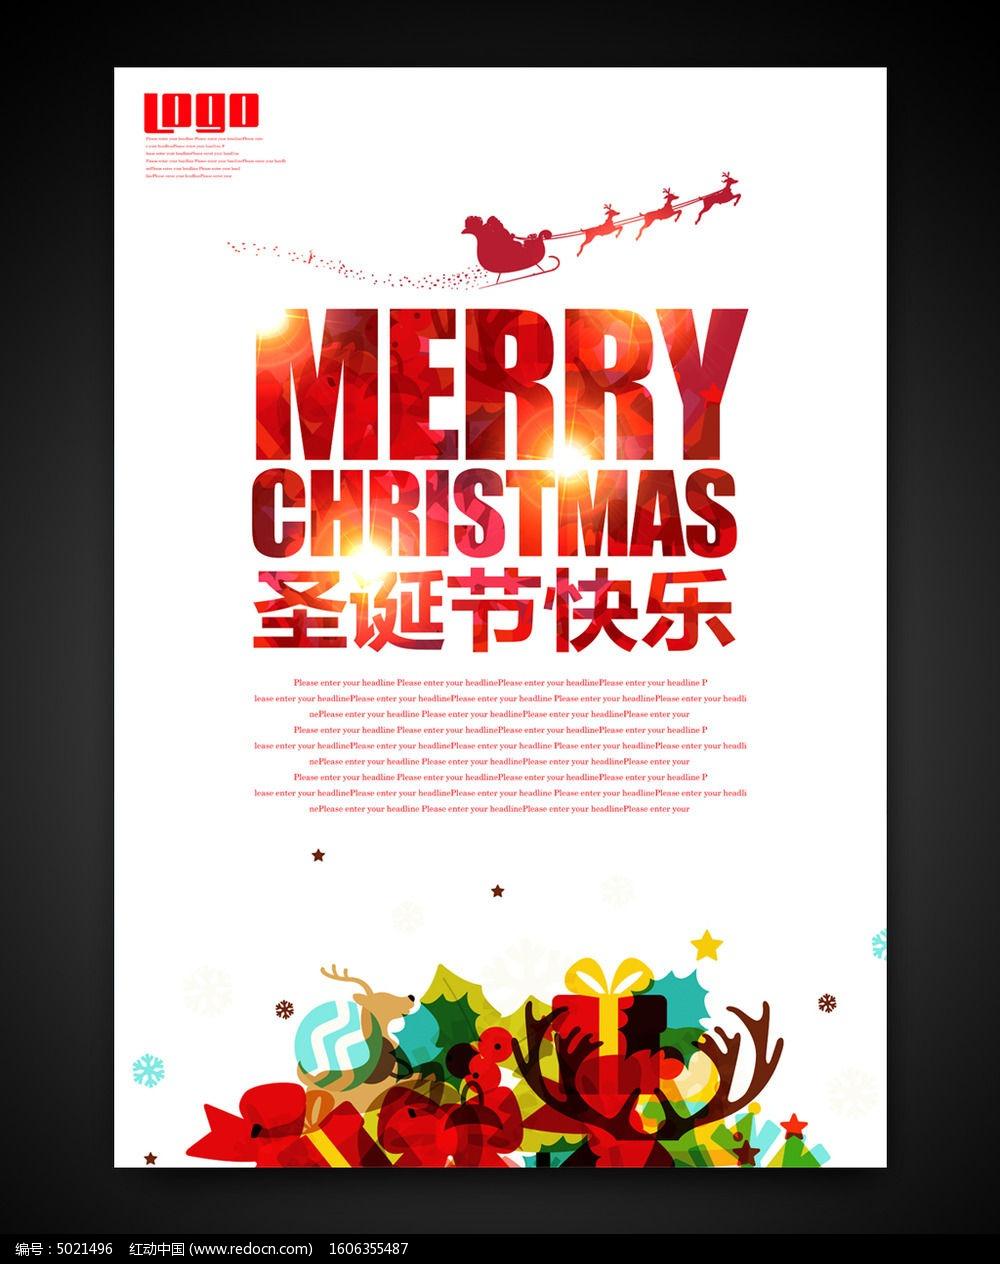 简约国外圣诞节宣传海报设计PSD素材下载 圣诞节设计图片